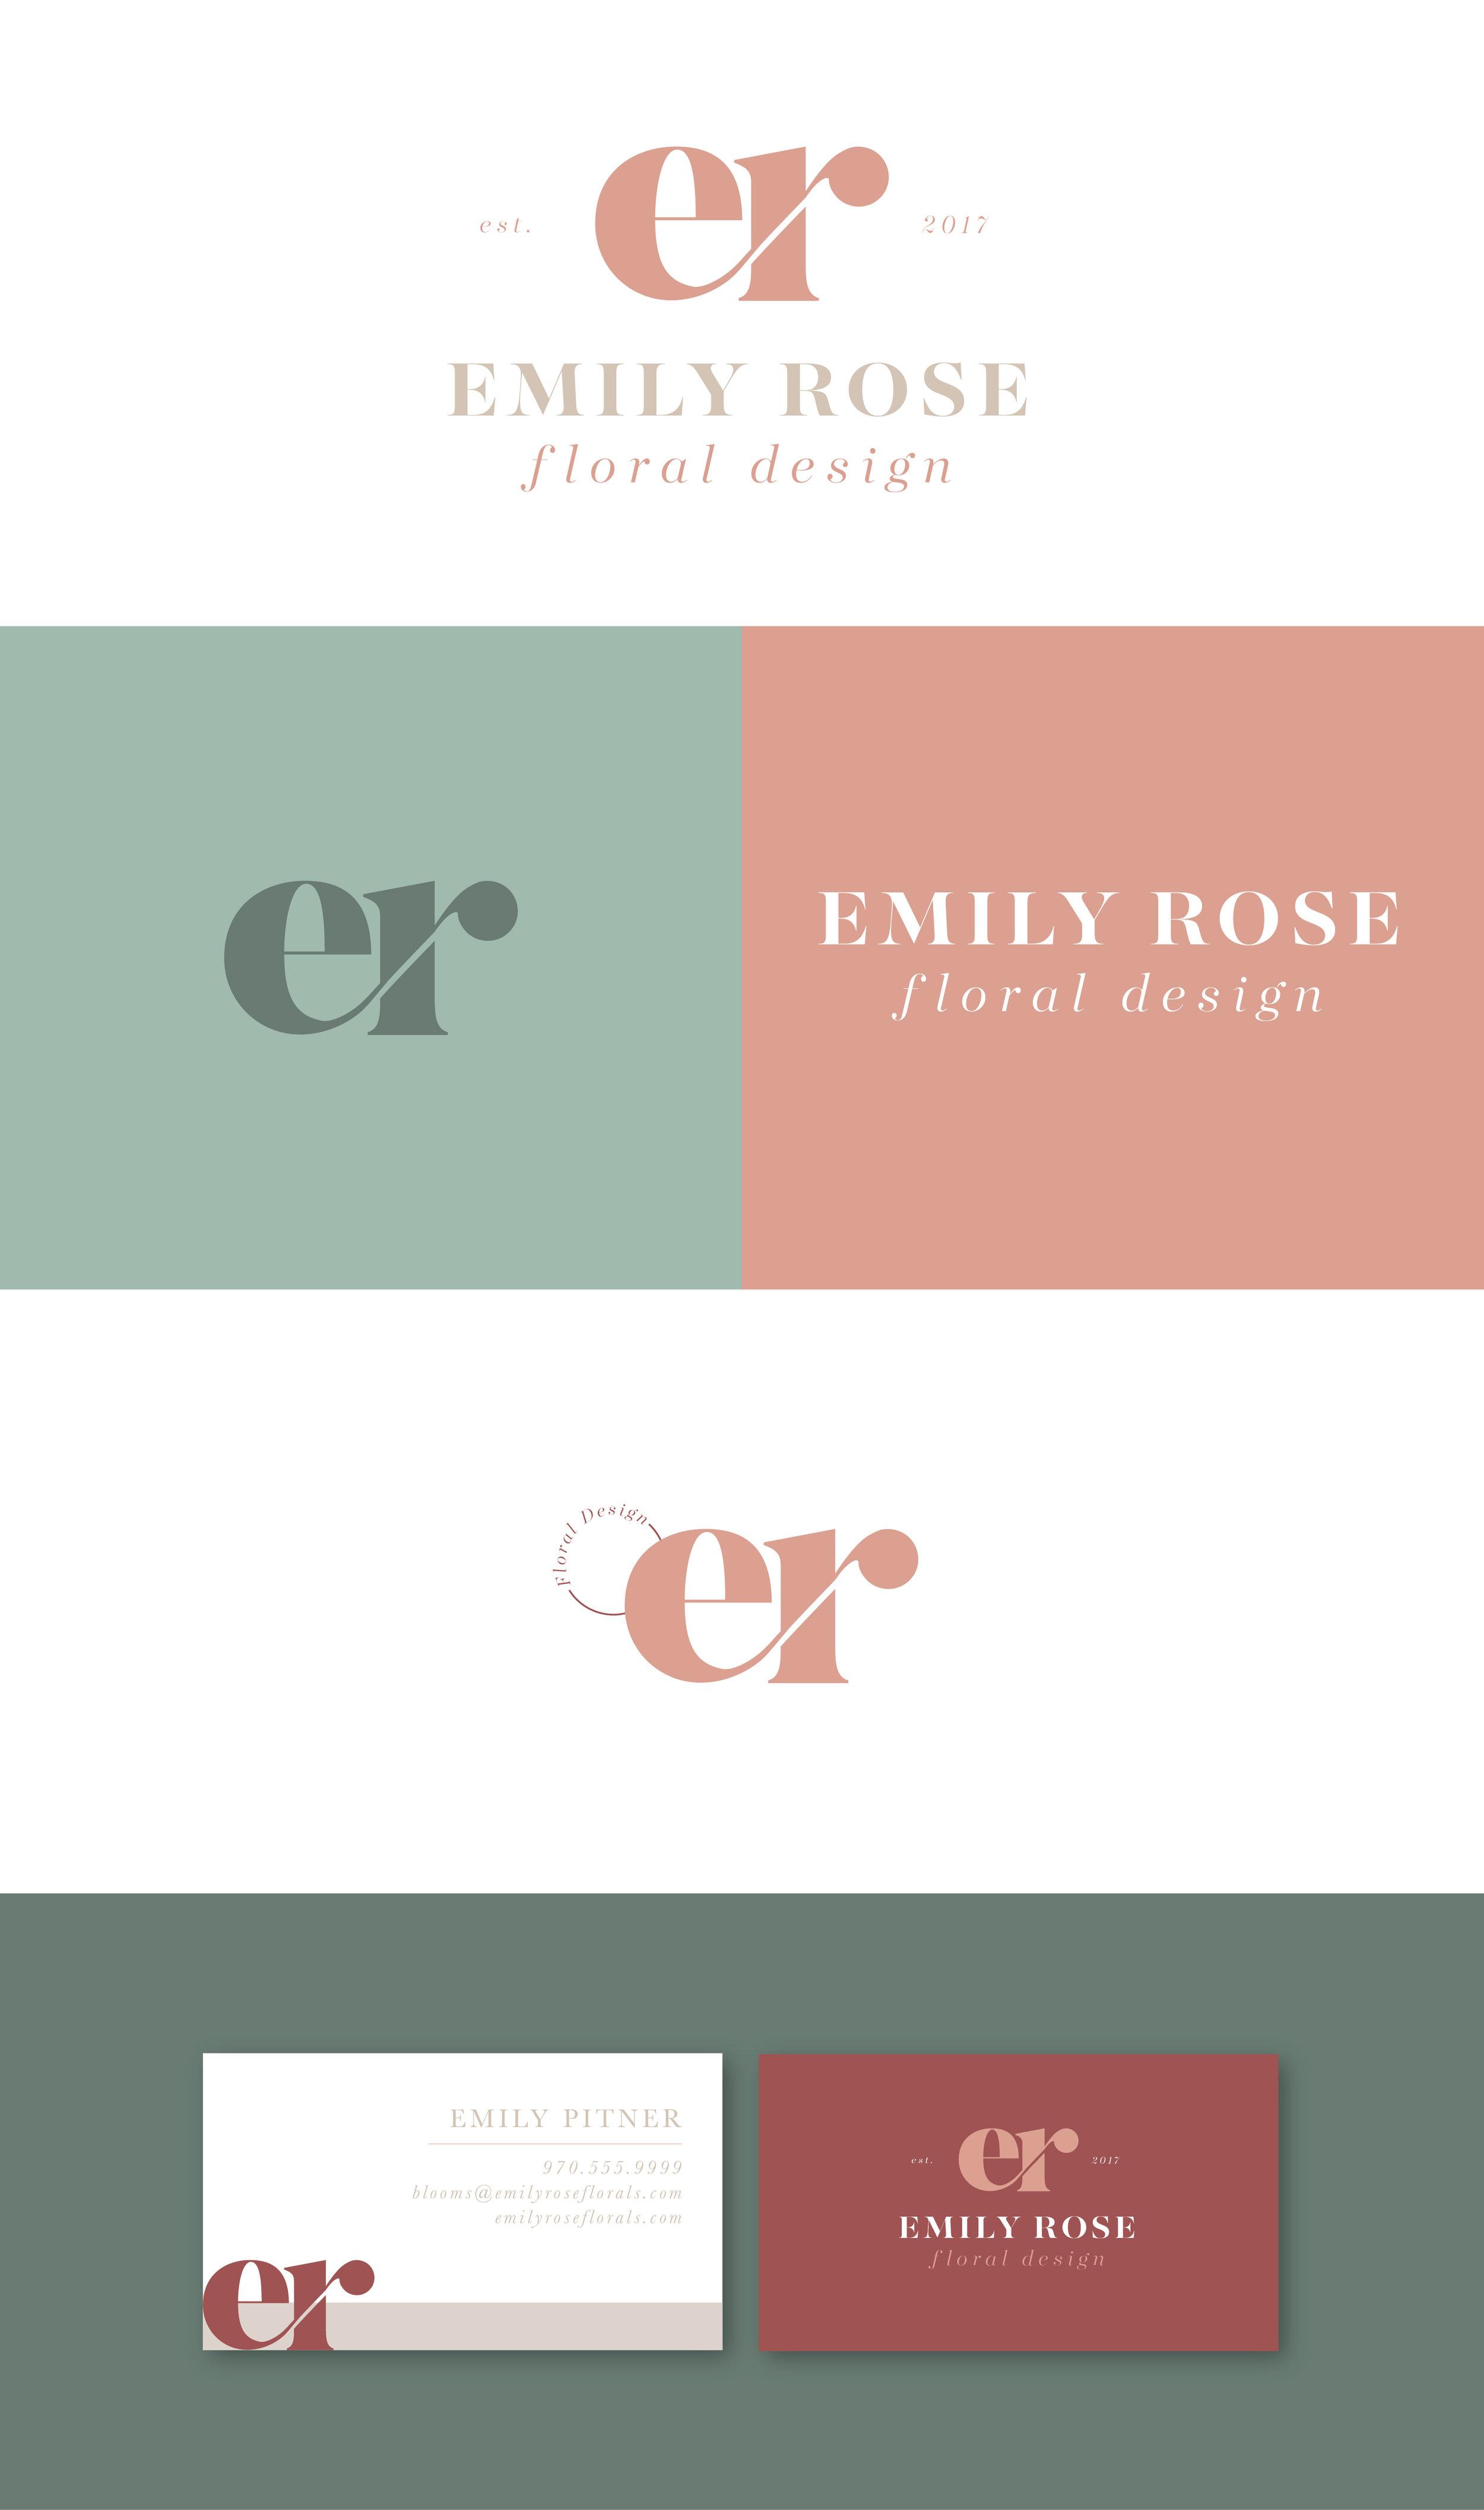 EmilyRose_FirstLook-04.jpg